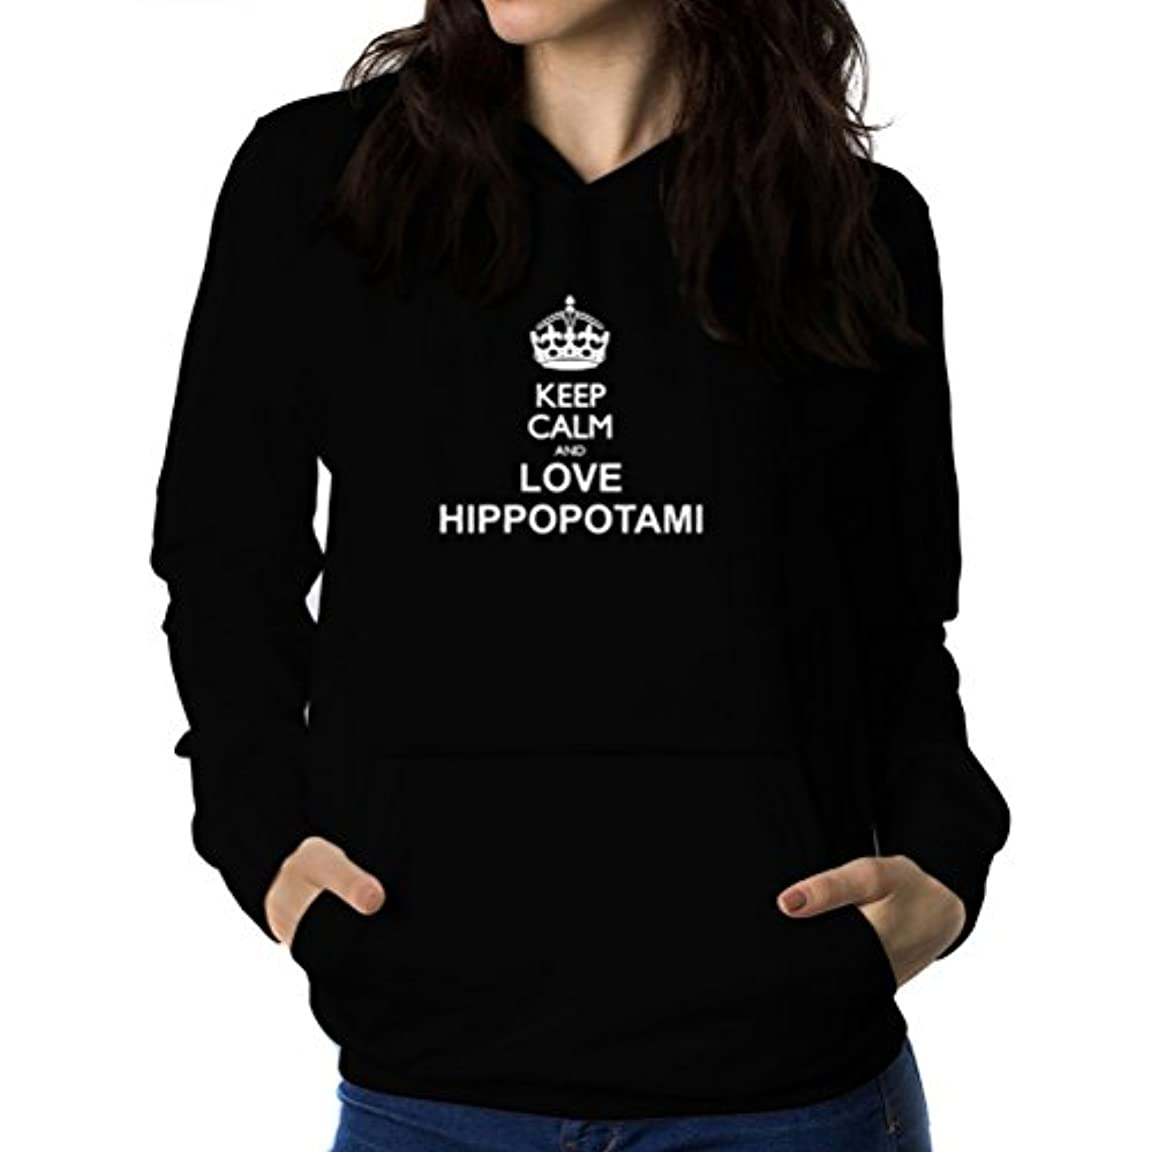 切断するペナルティ技術者Keep calm and love Hippopotamus 女性 フーディー